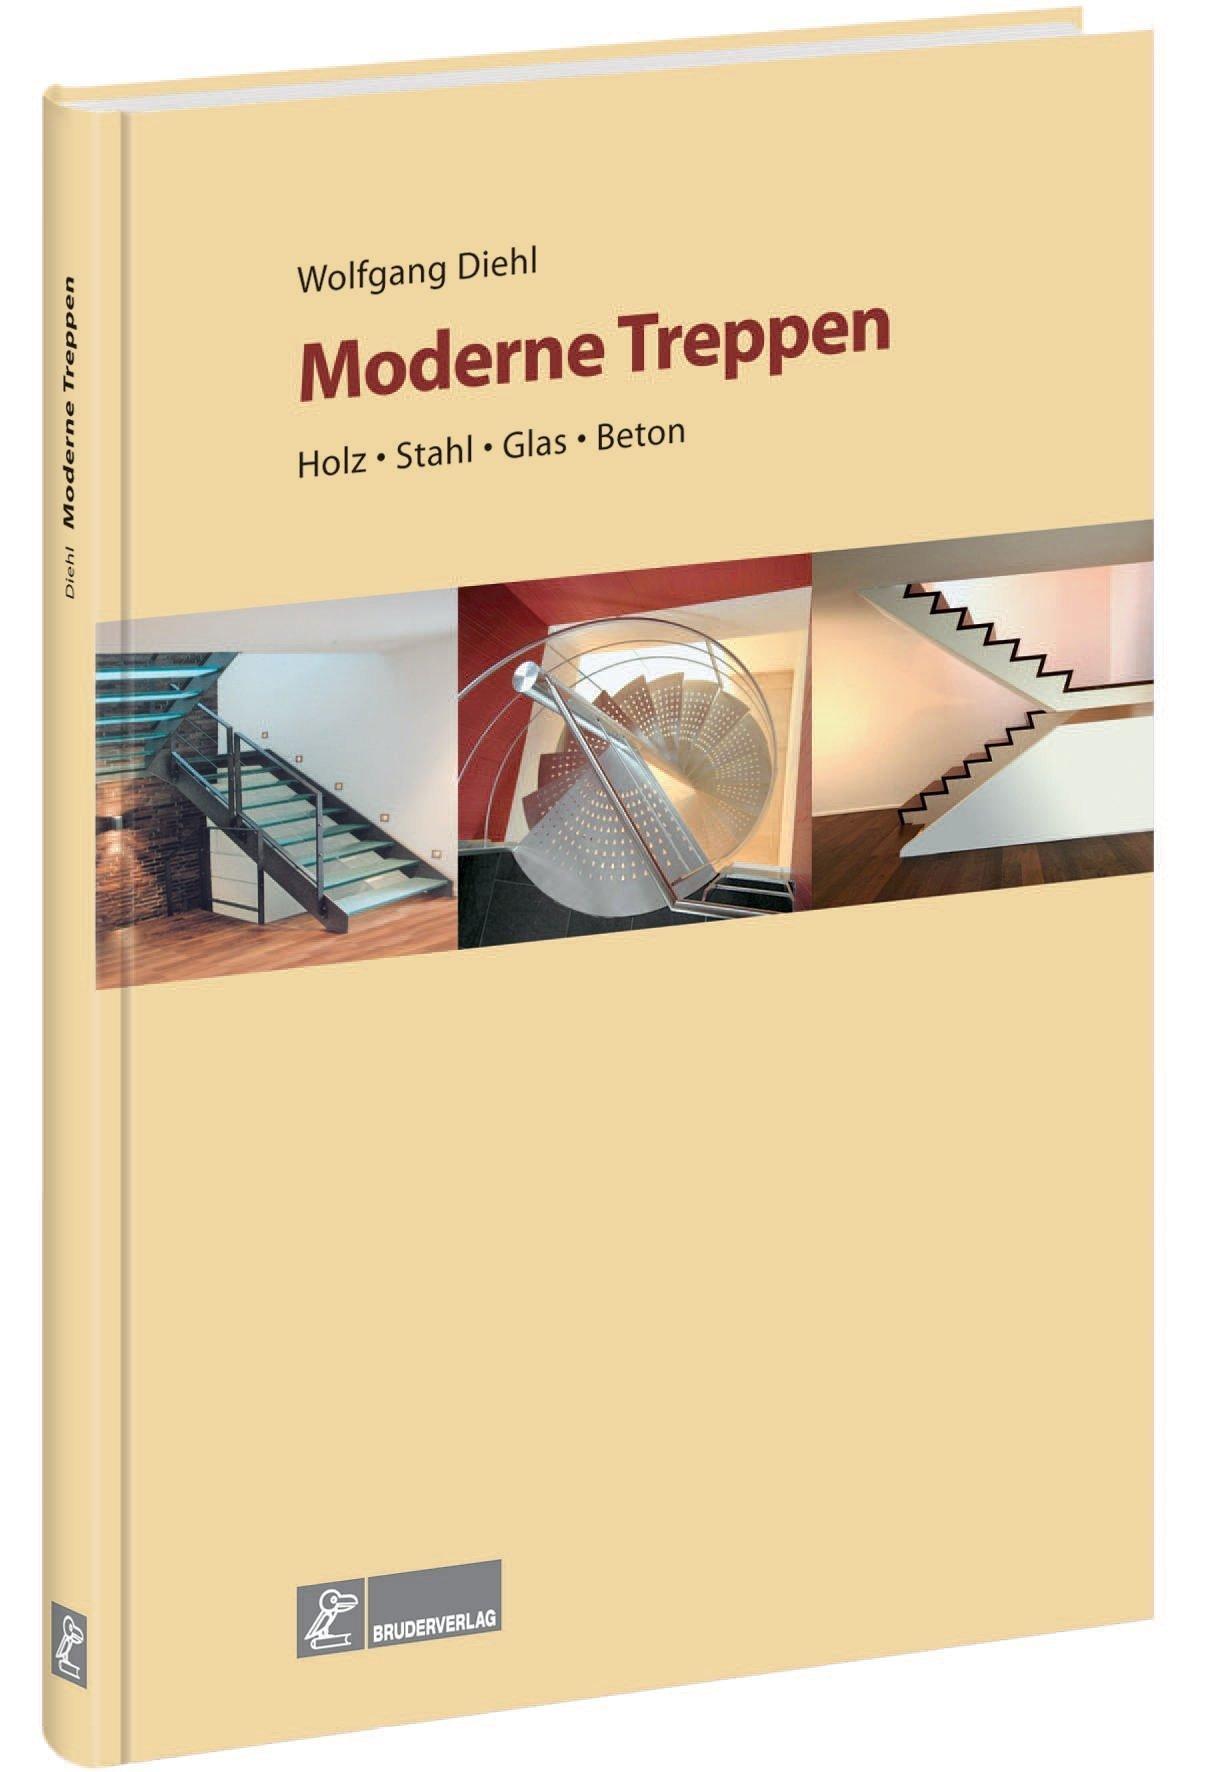 Moderne Treppen: Holz, Stahl, Glas, Beton von Wolfgang Diehl (15. Juli 2008) Gebundene Ausgabe